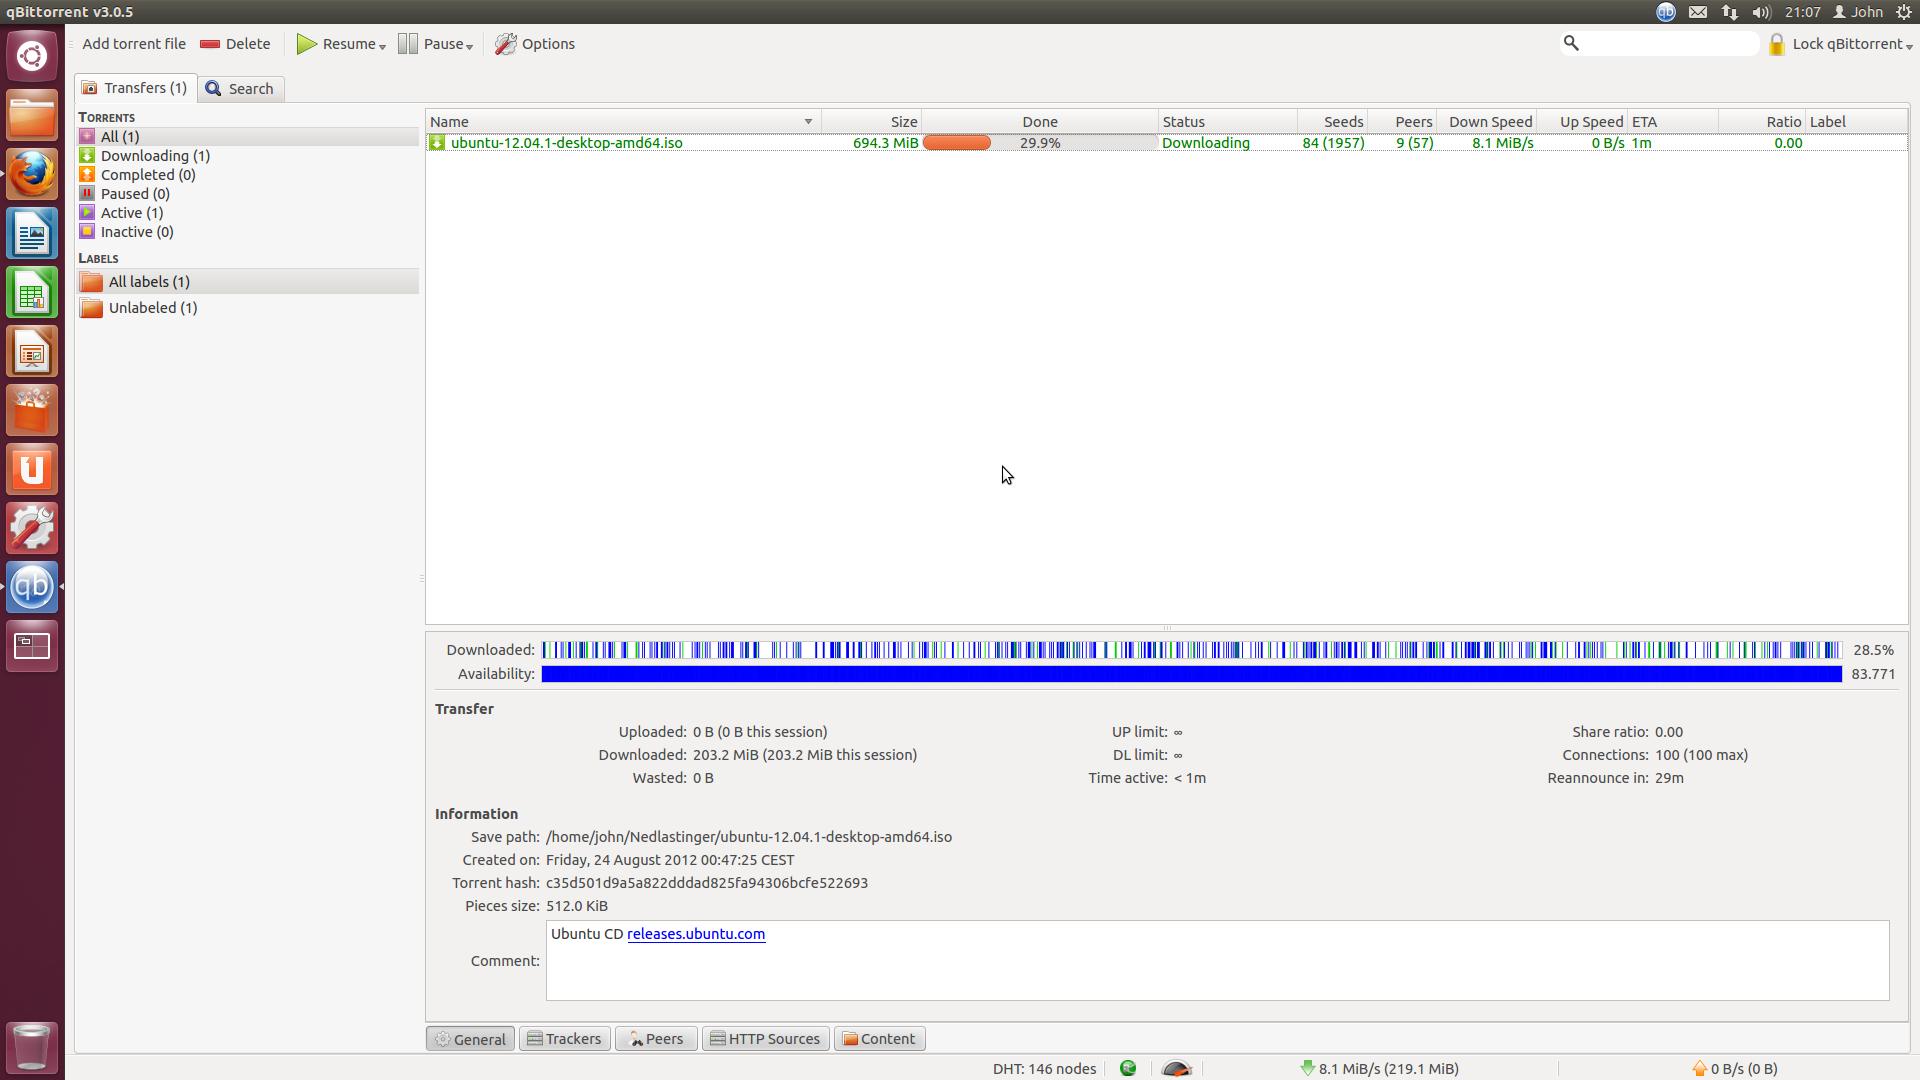 qbittorrent 3.0.5